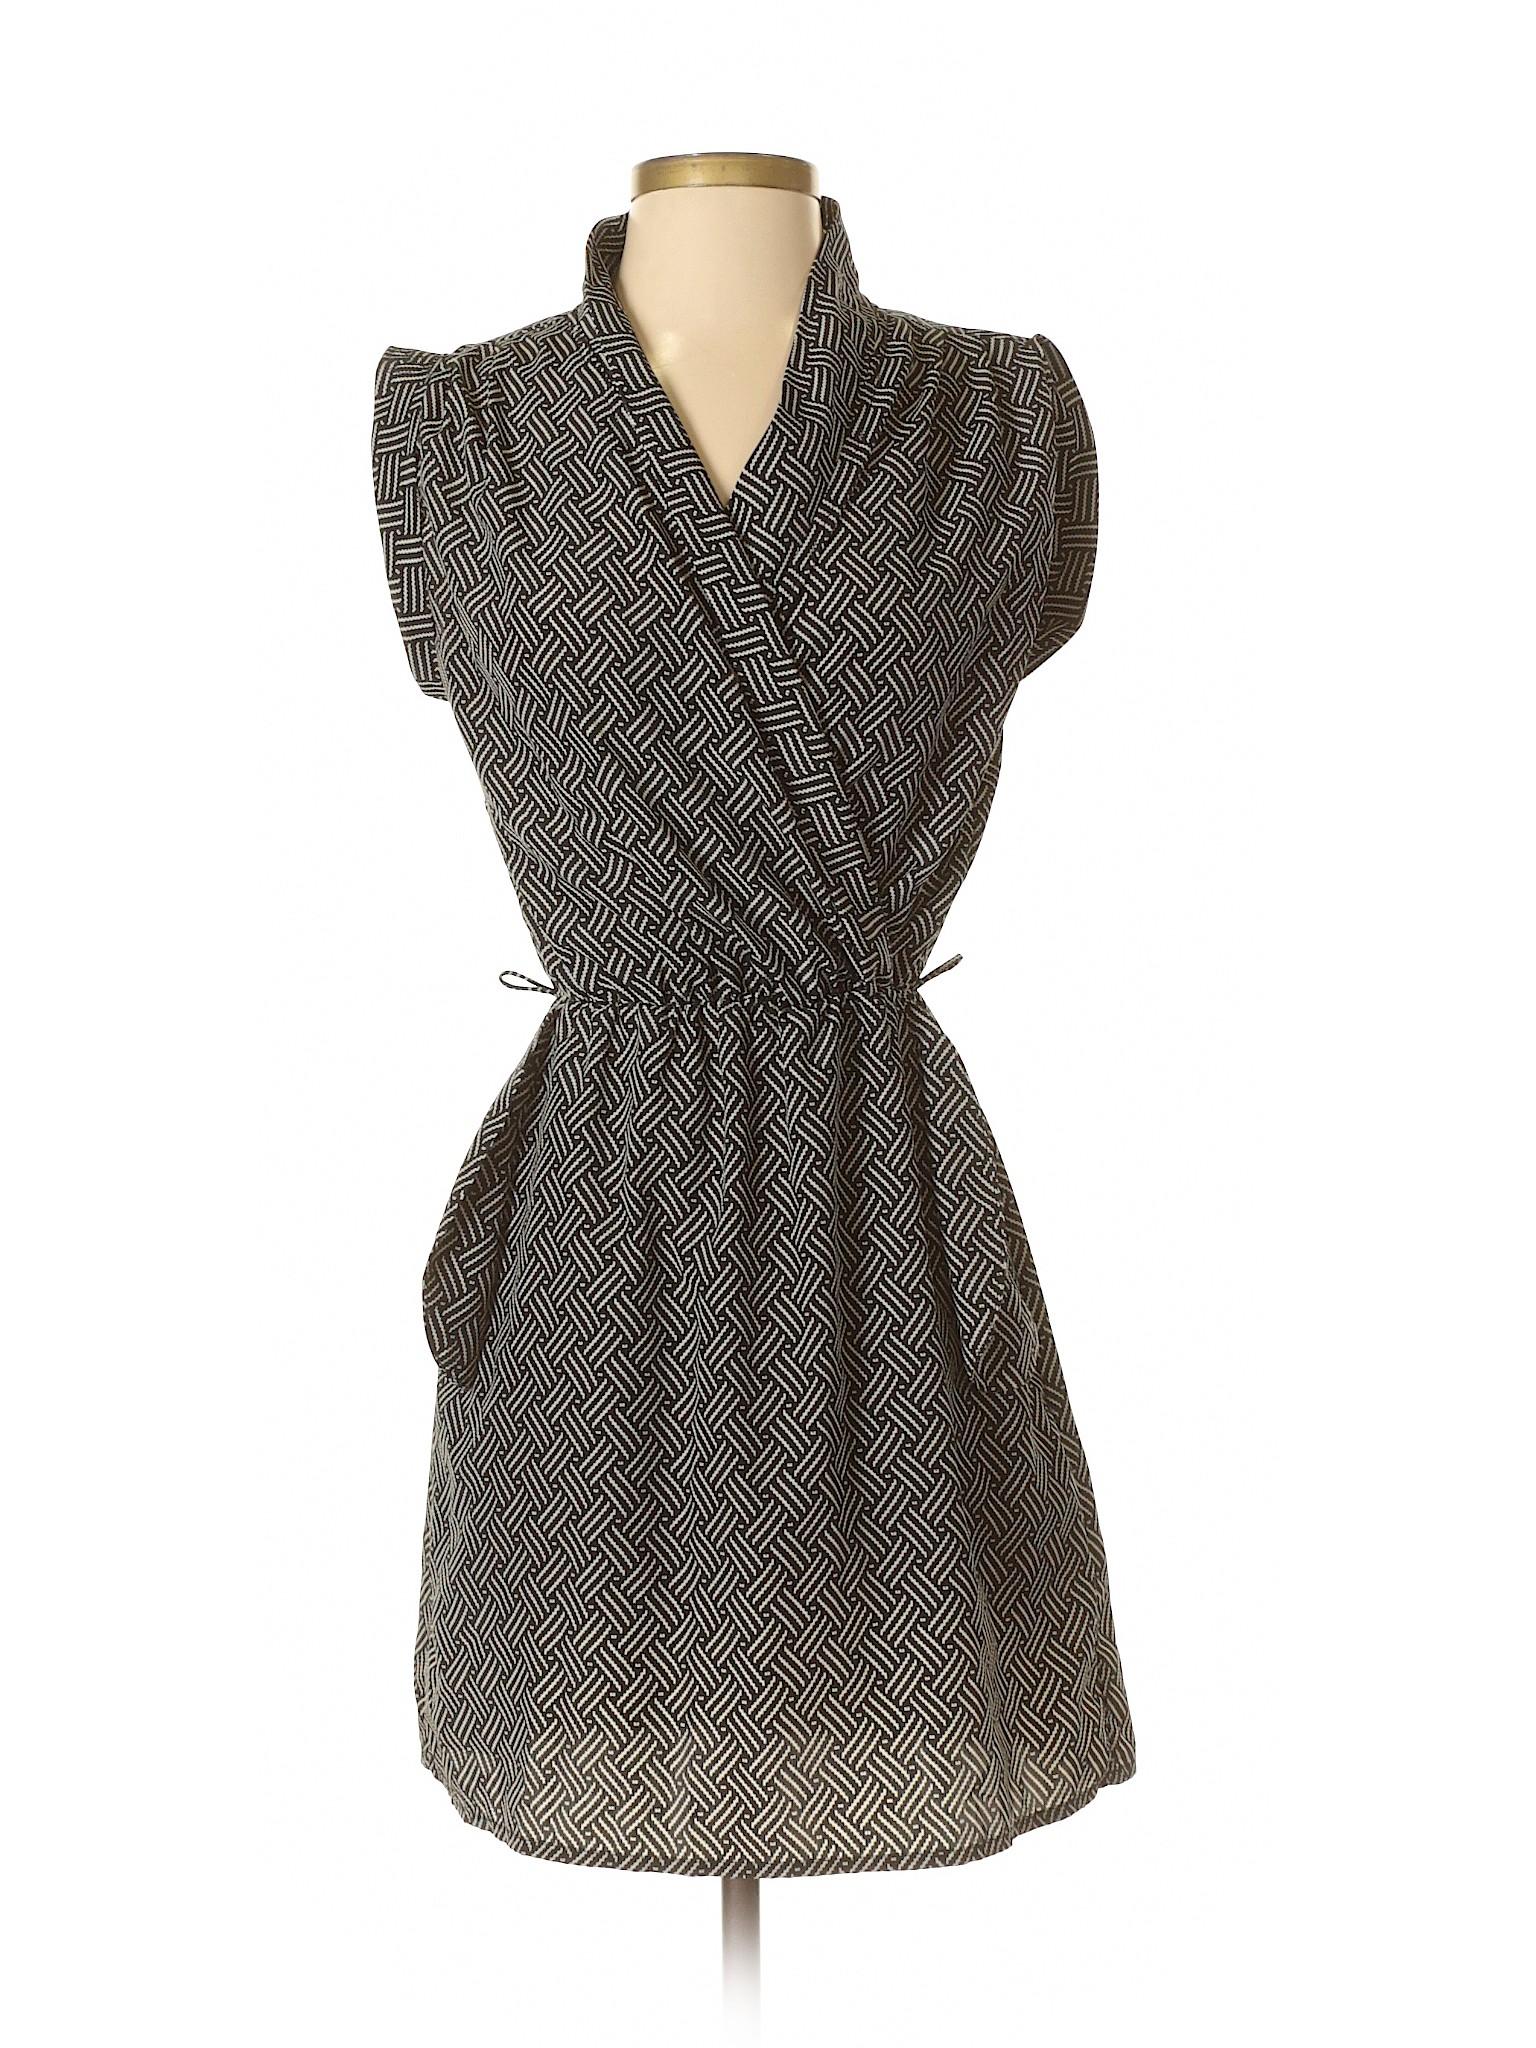 Boutique Boutique Louche Dress Dress winter Casual winter Casual Boutique Louche XwvqfTS